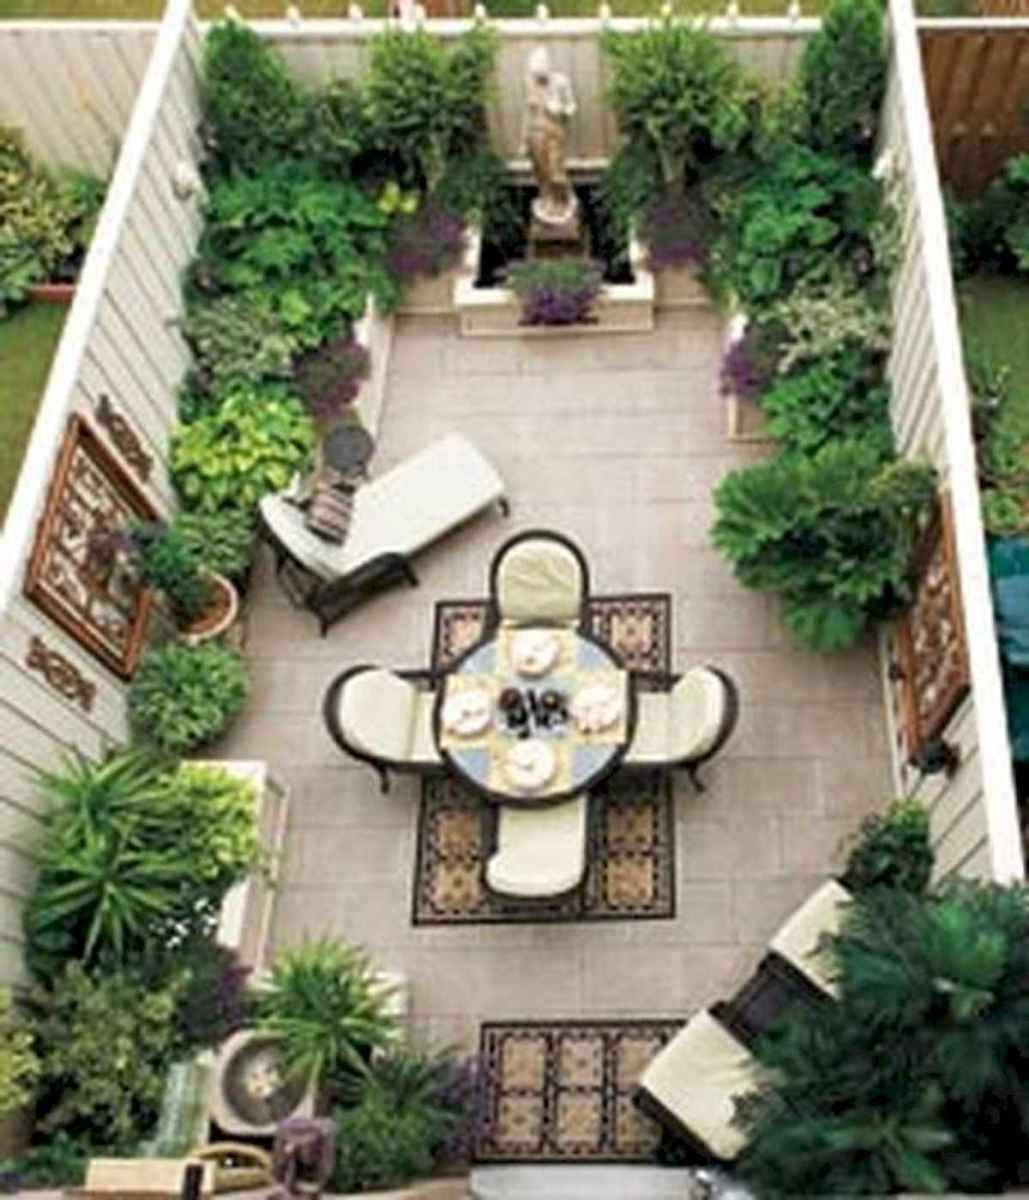 90 lovely backyard garden design ideas for summer (75)